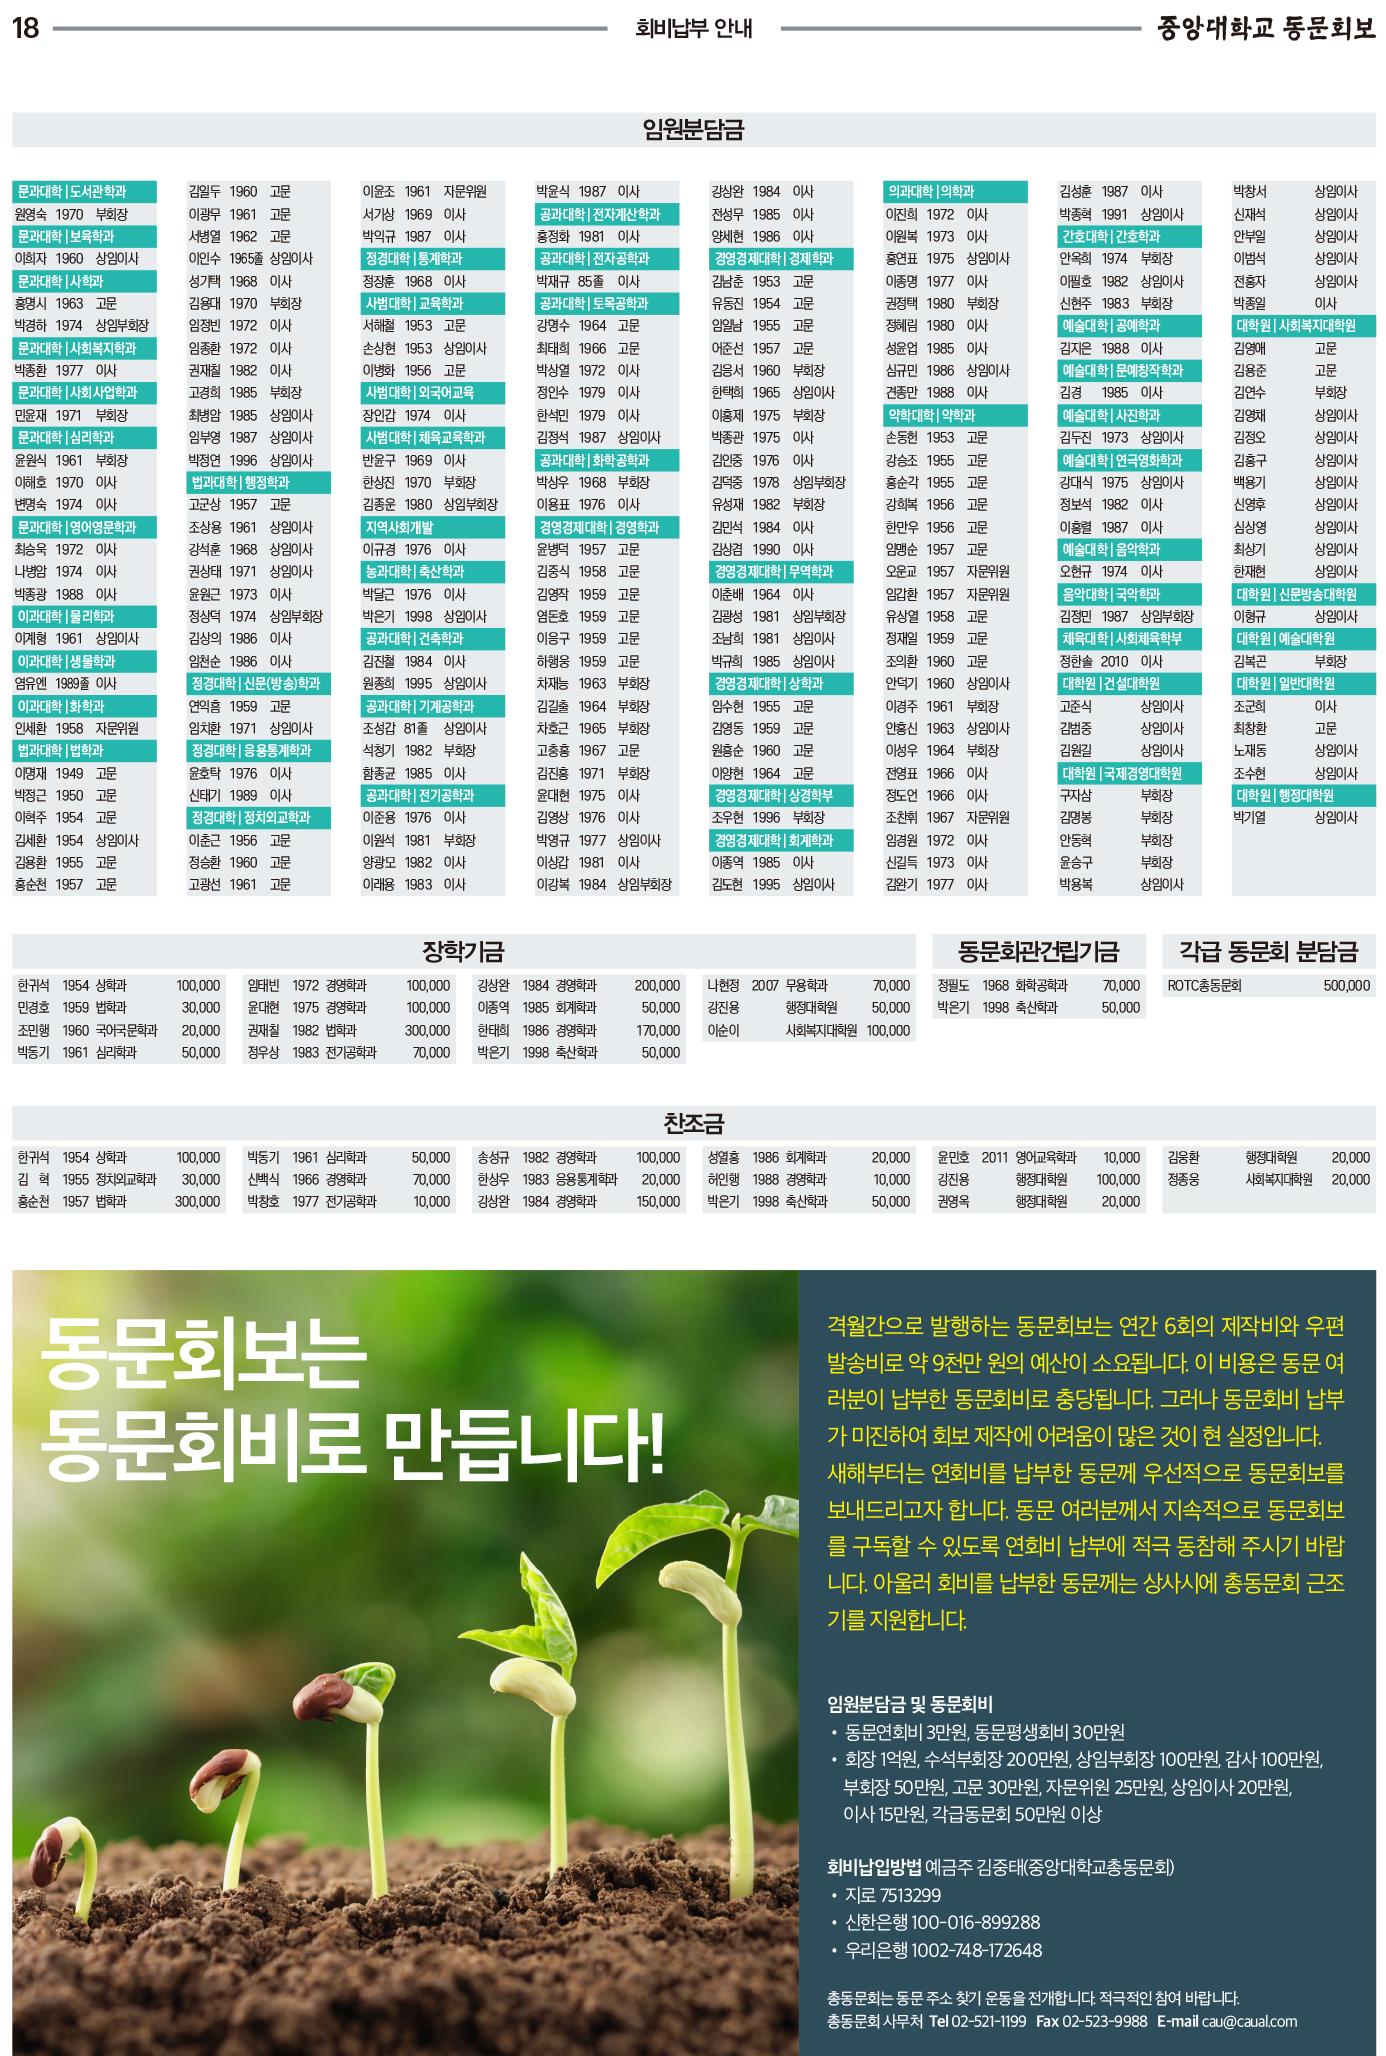 중앙대학교_동문회보_321호-18.jpg